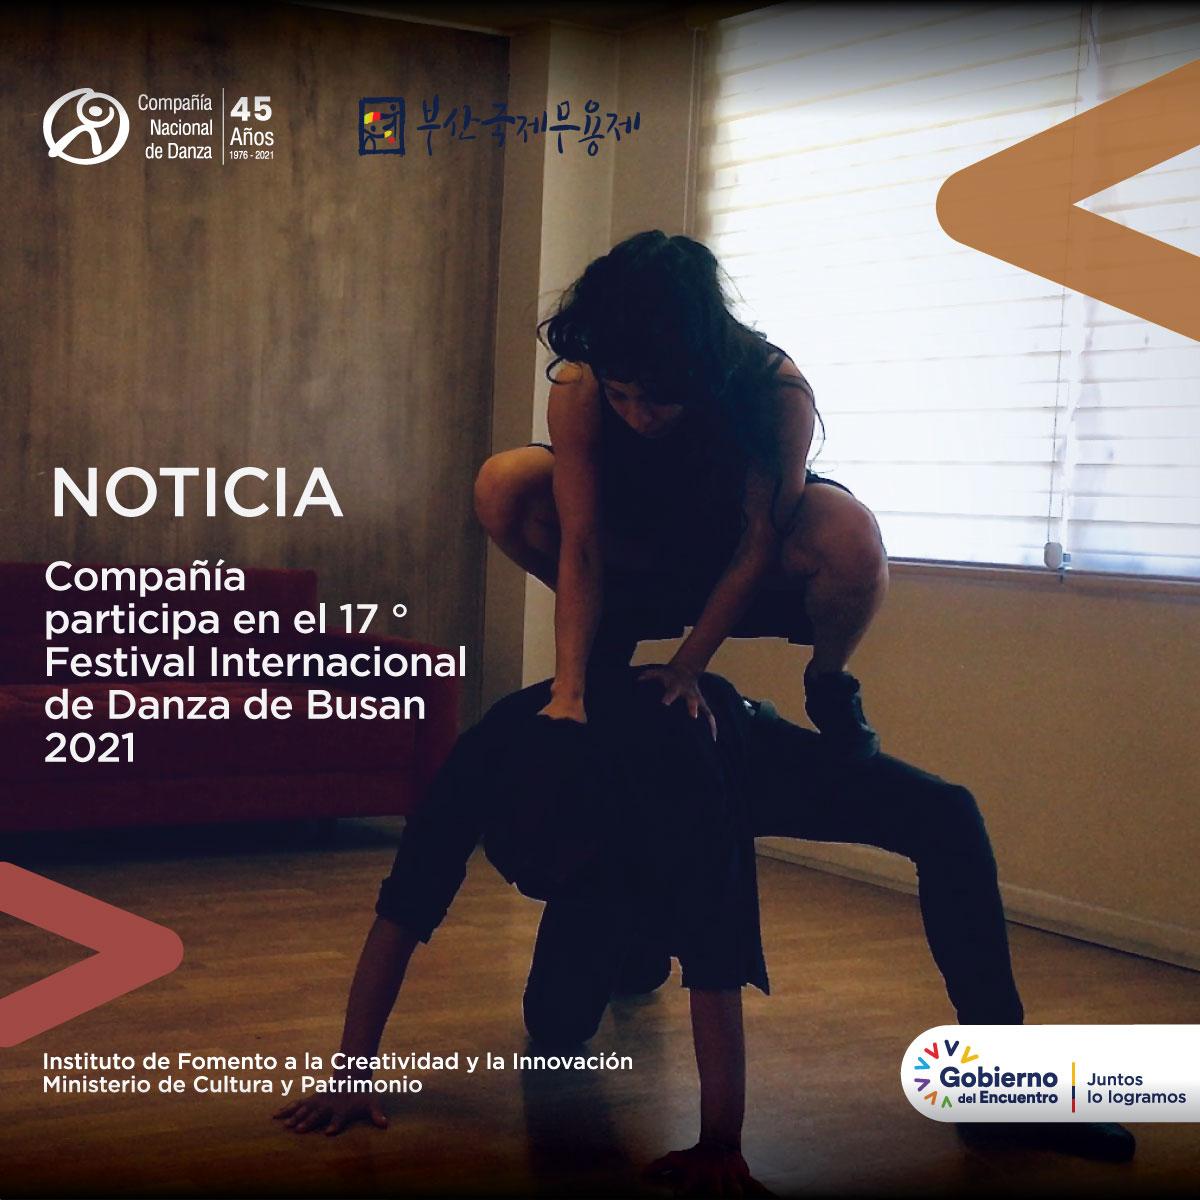 Compañía Nacional de Danza participa en el 17 ° Festival Internacional de Danza de Busan 2021